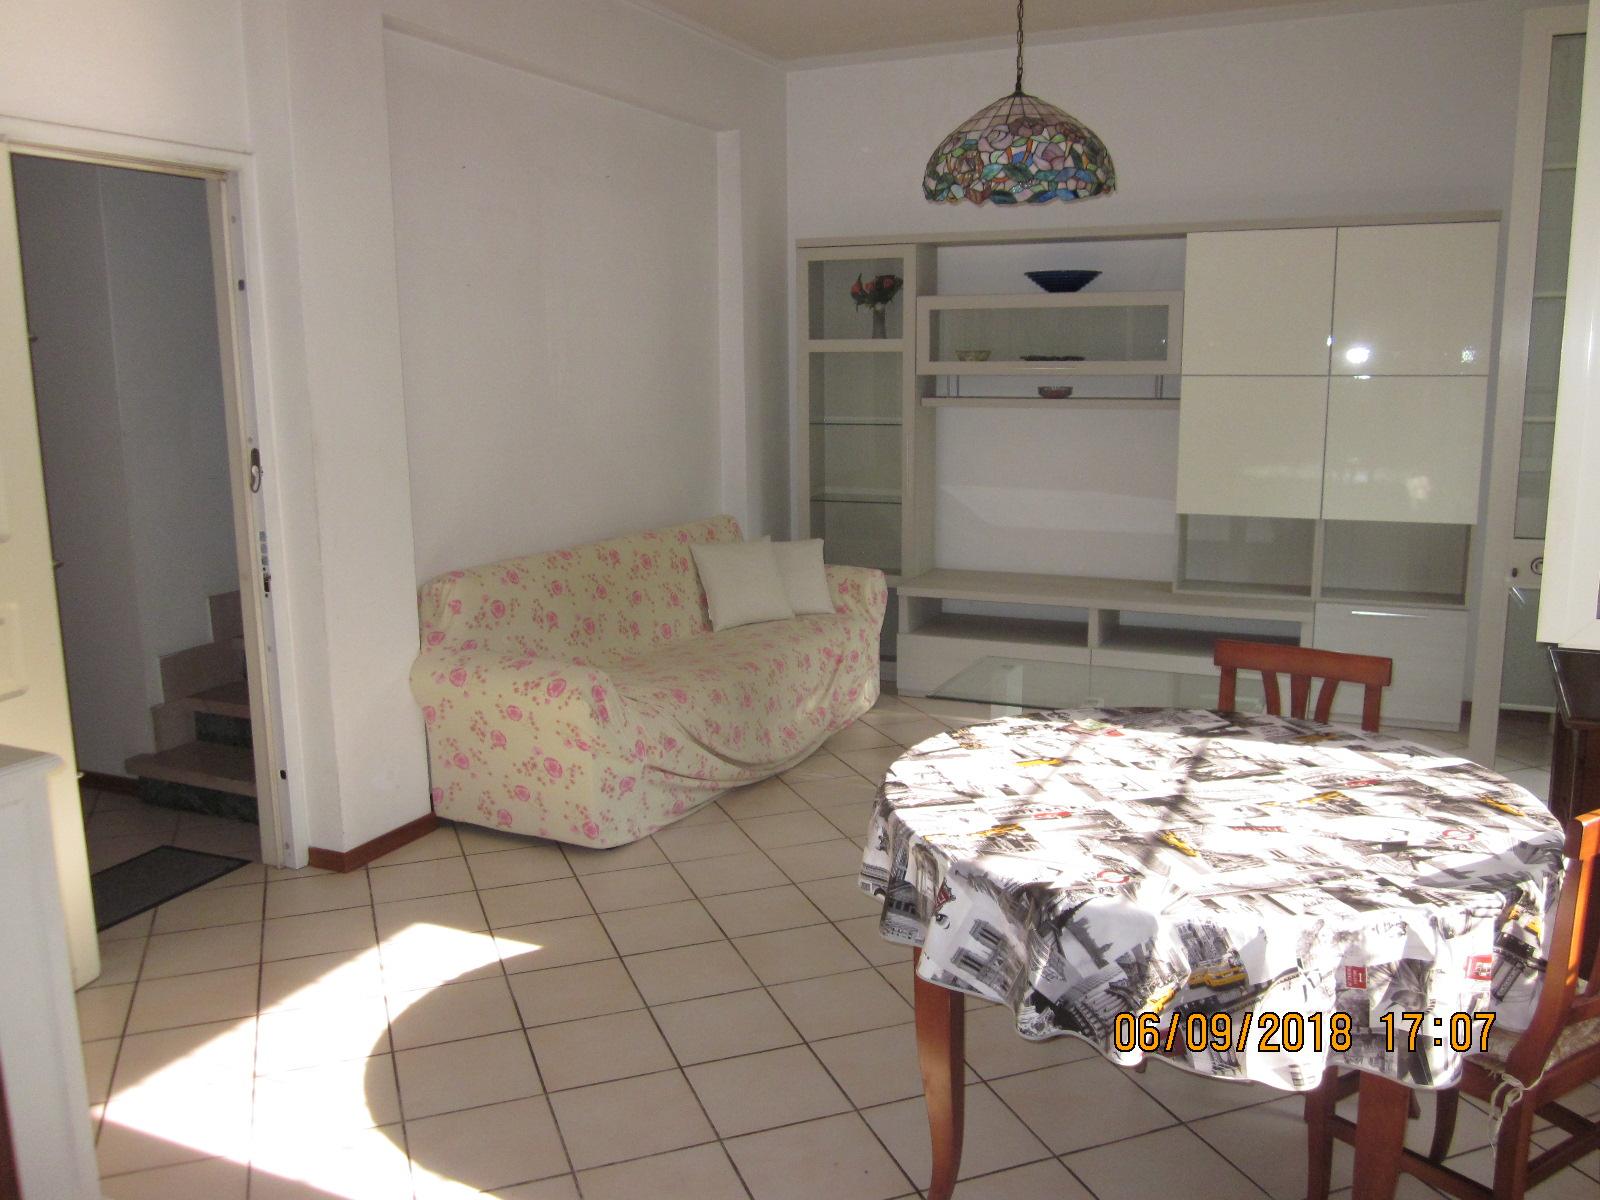 appartamento in affitto a viareggio cod. vgc367